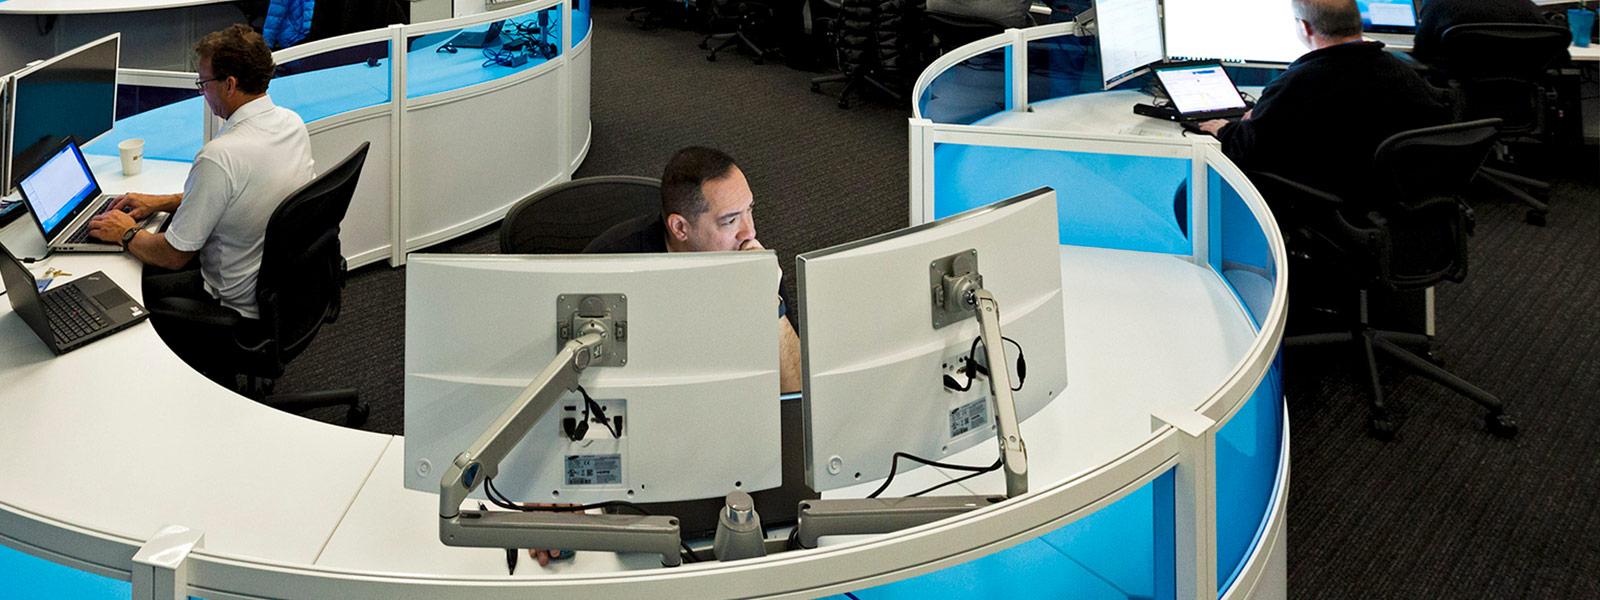 Un uomo in un centro di sicurezza informatica osserva 2 monitor